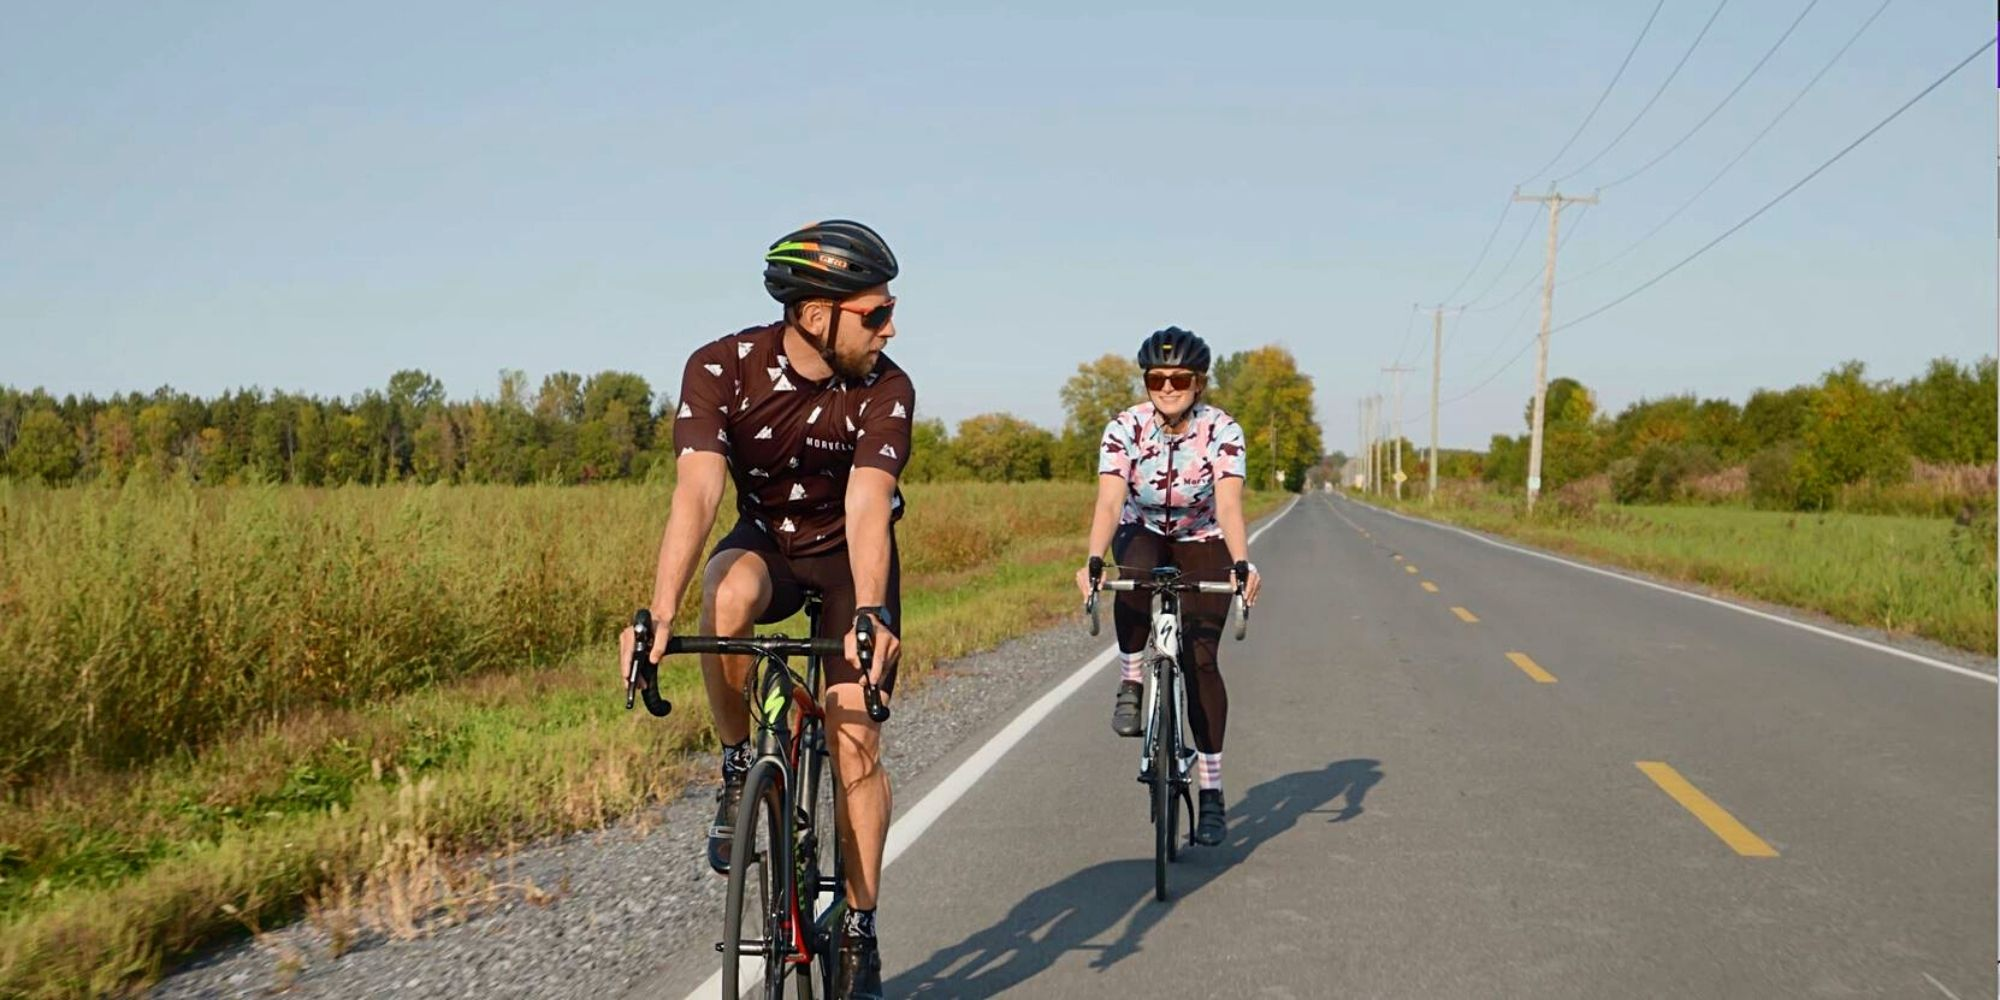 Profil touristique | L'adepte de vélo